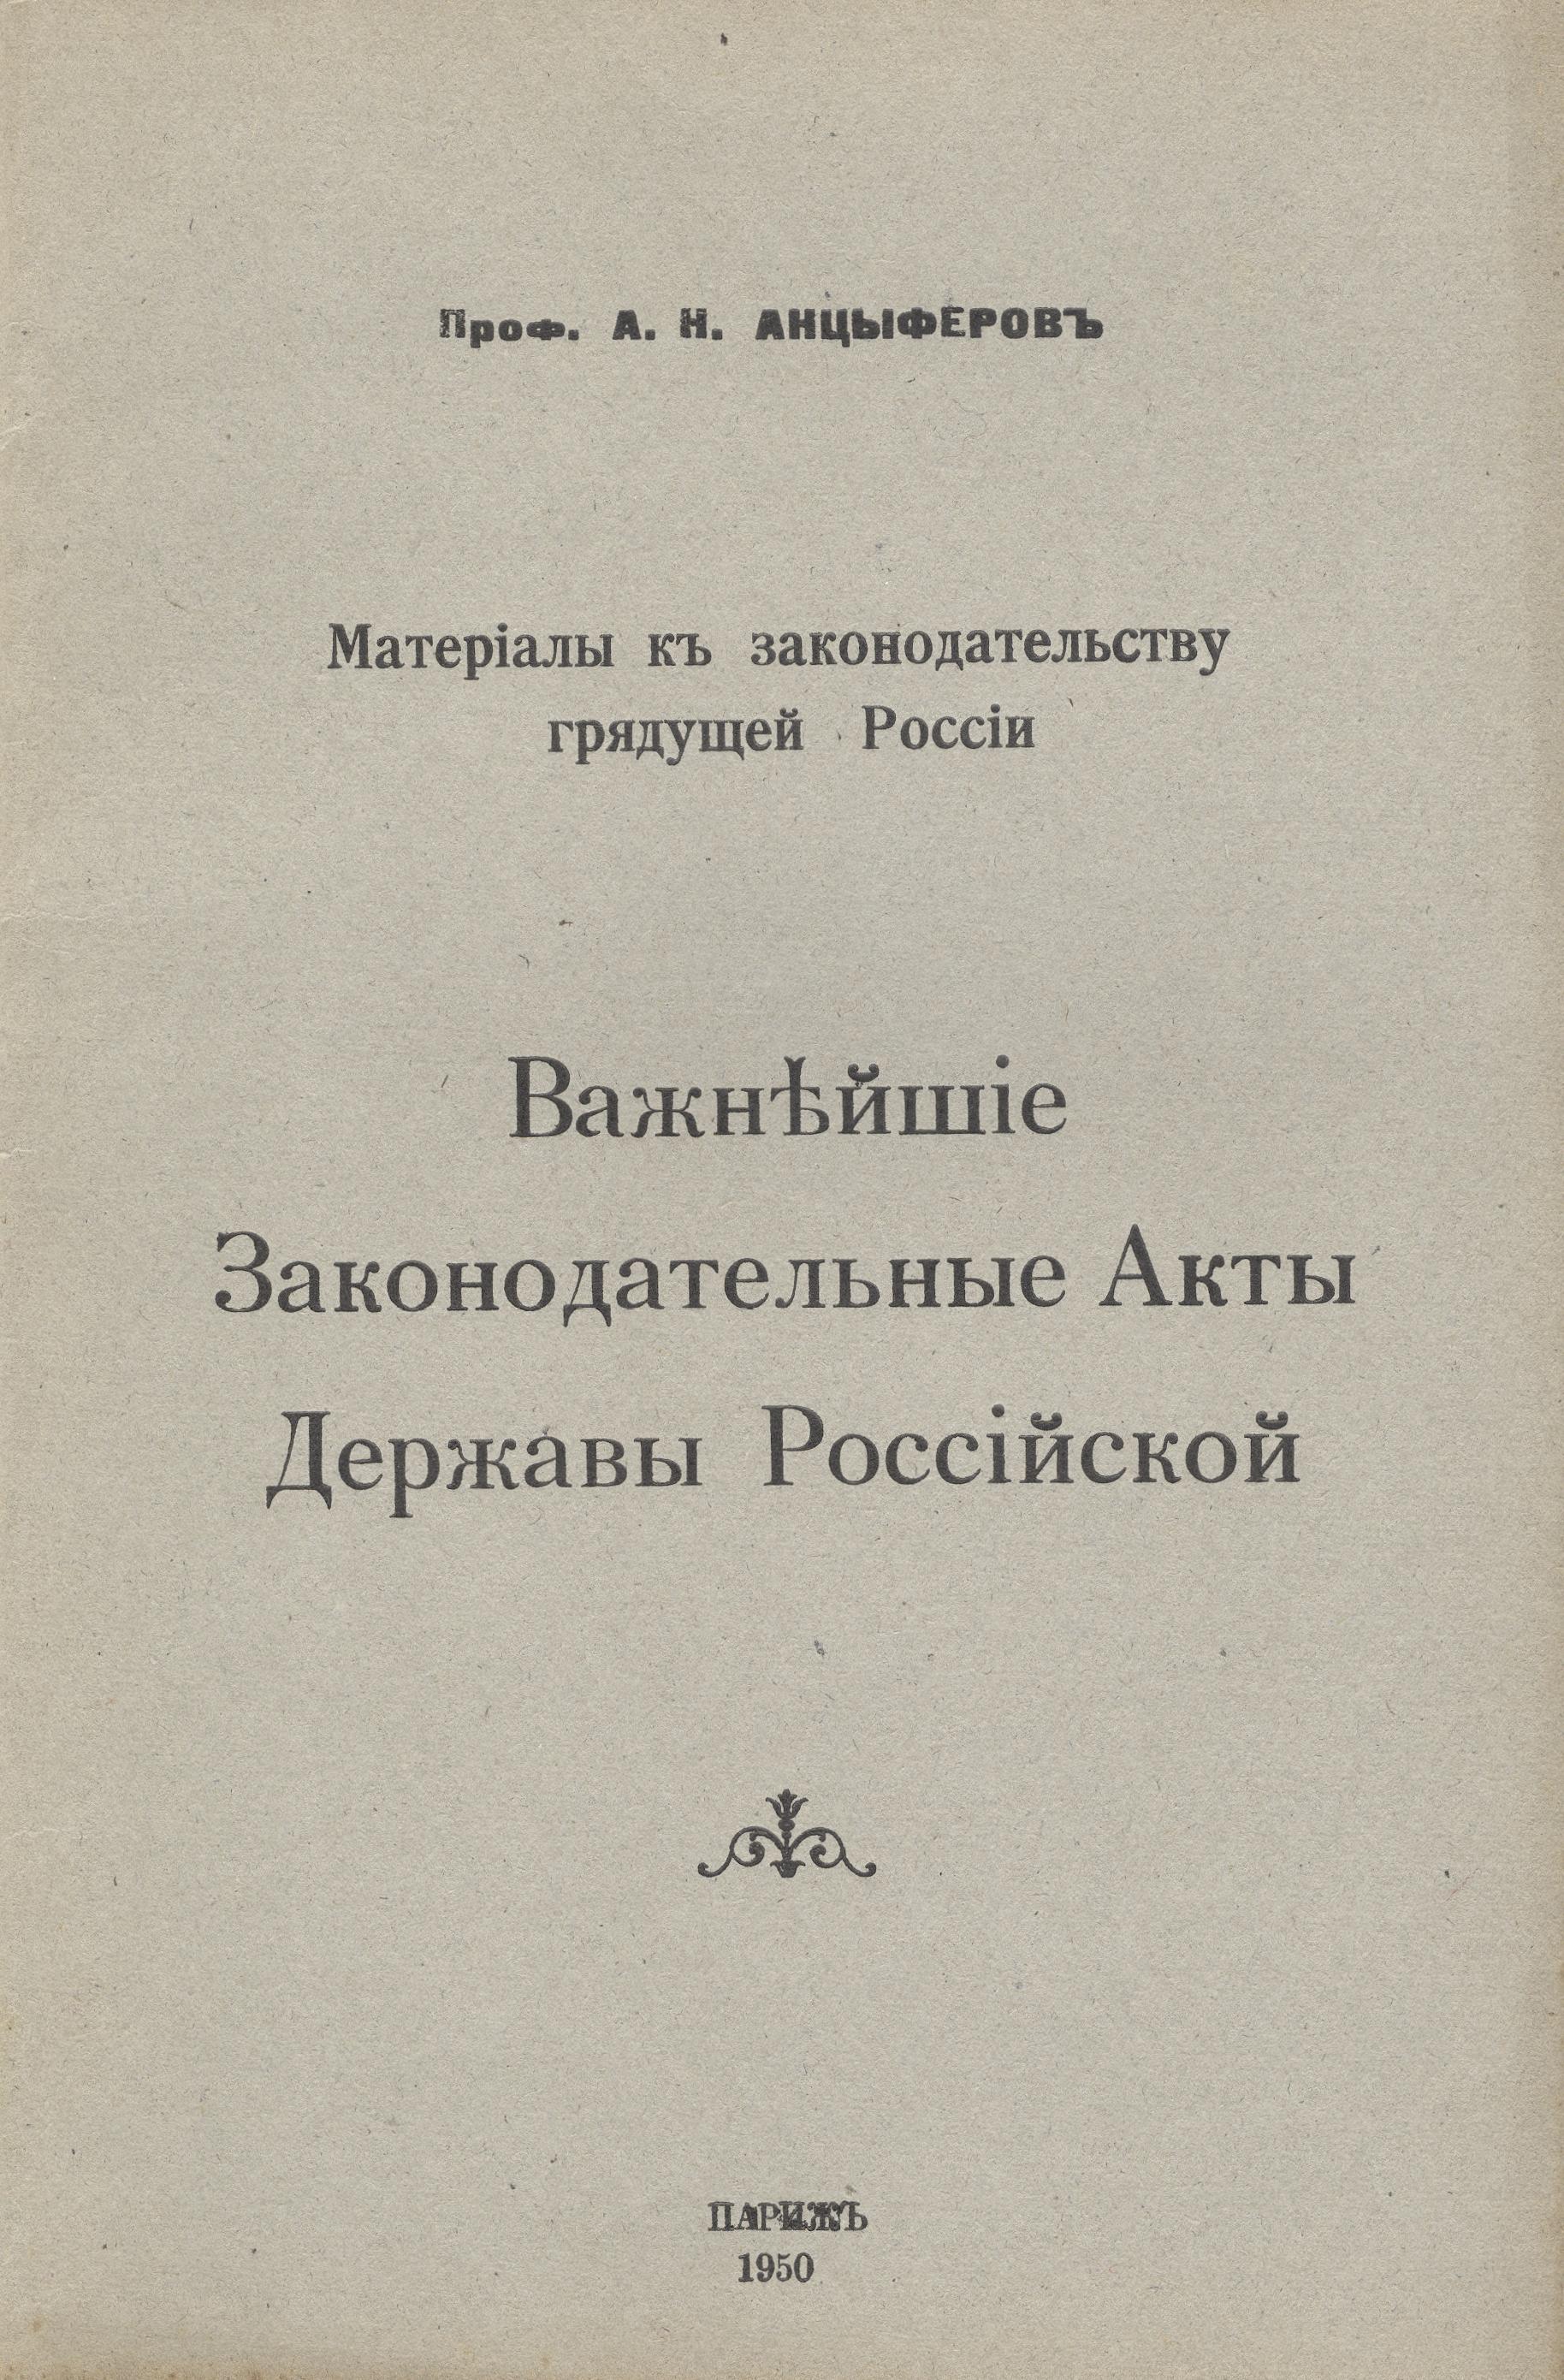 Анцыферов А.Н. Важнейшие Законодательные Акты Державы Российской. Париж. 1950.